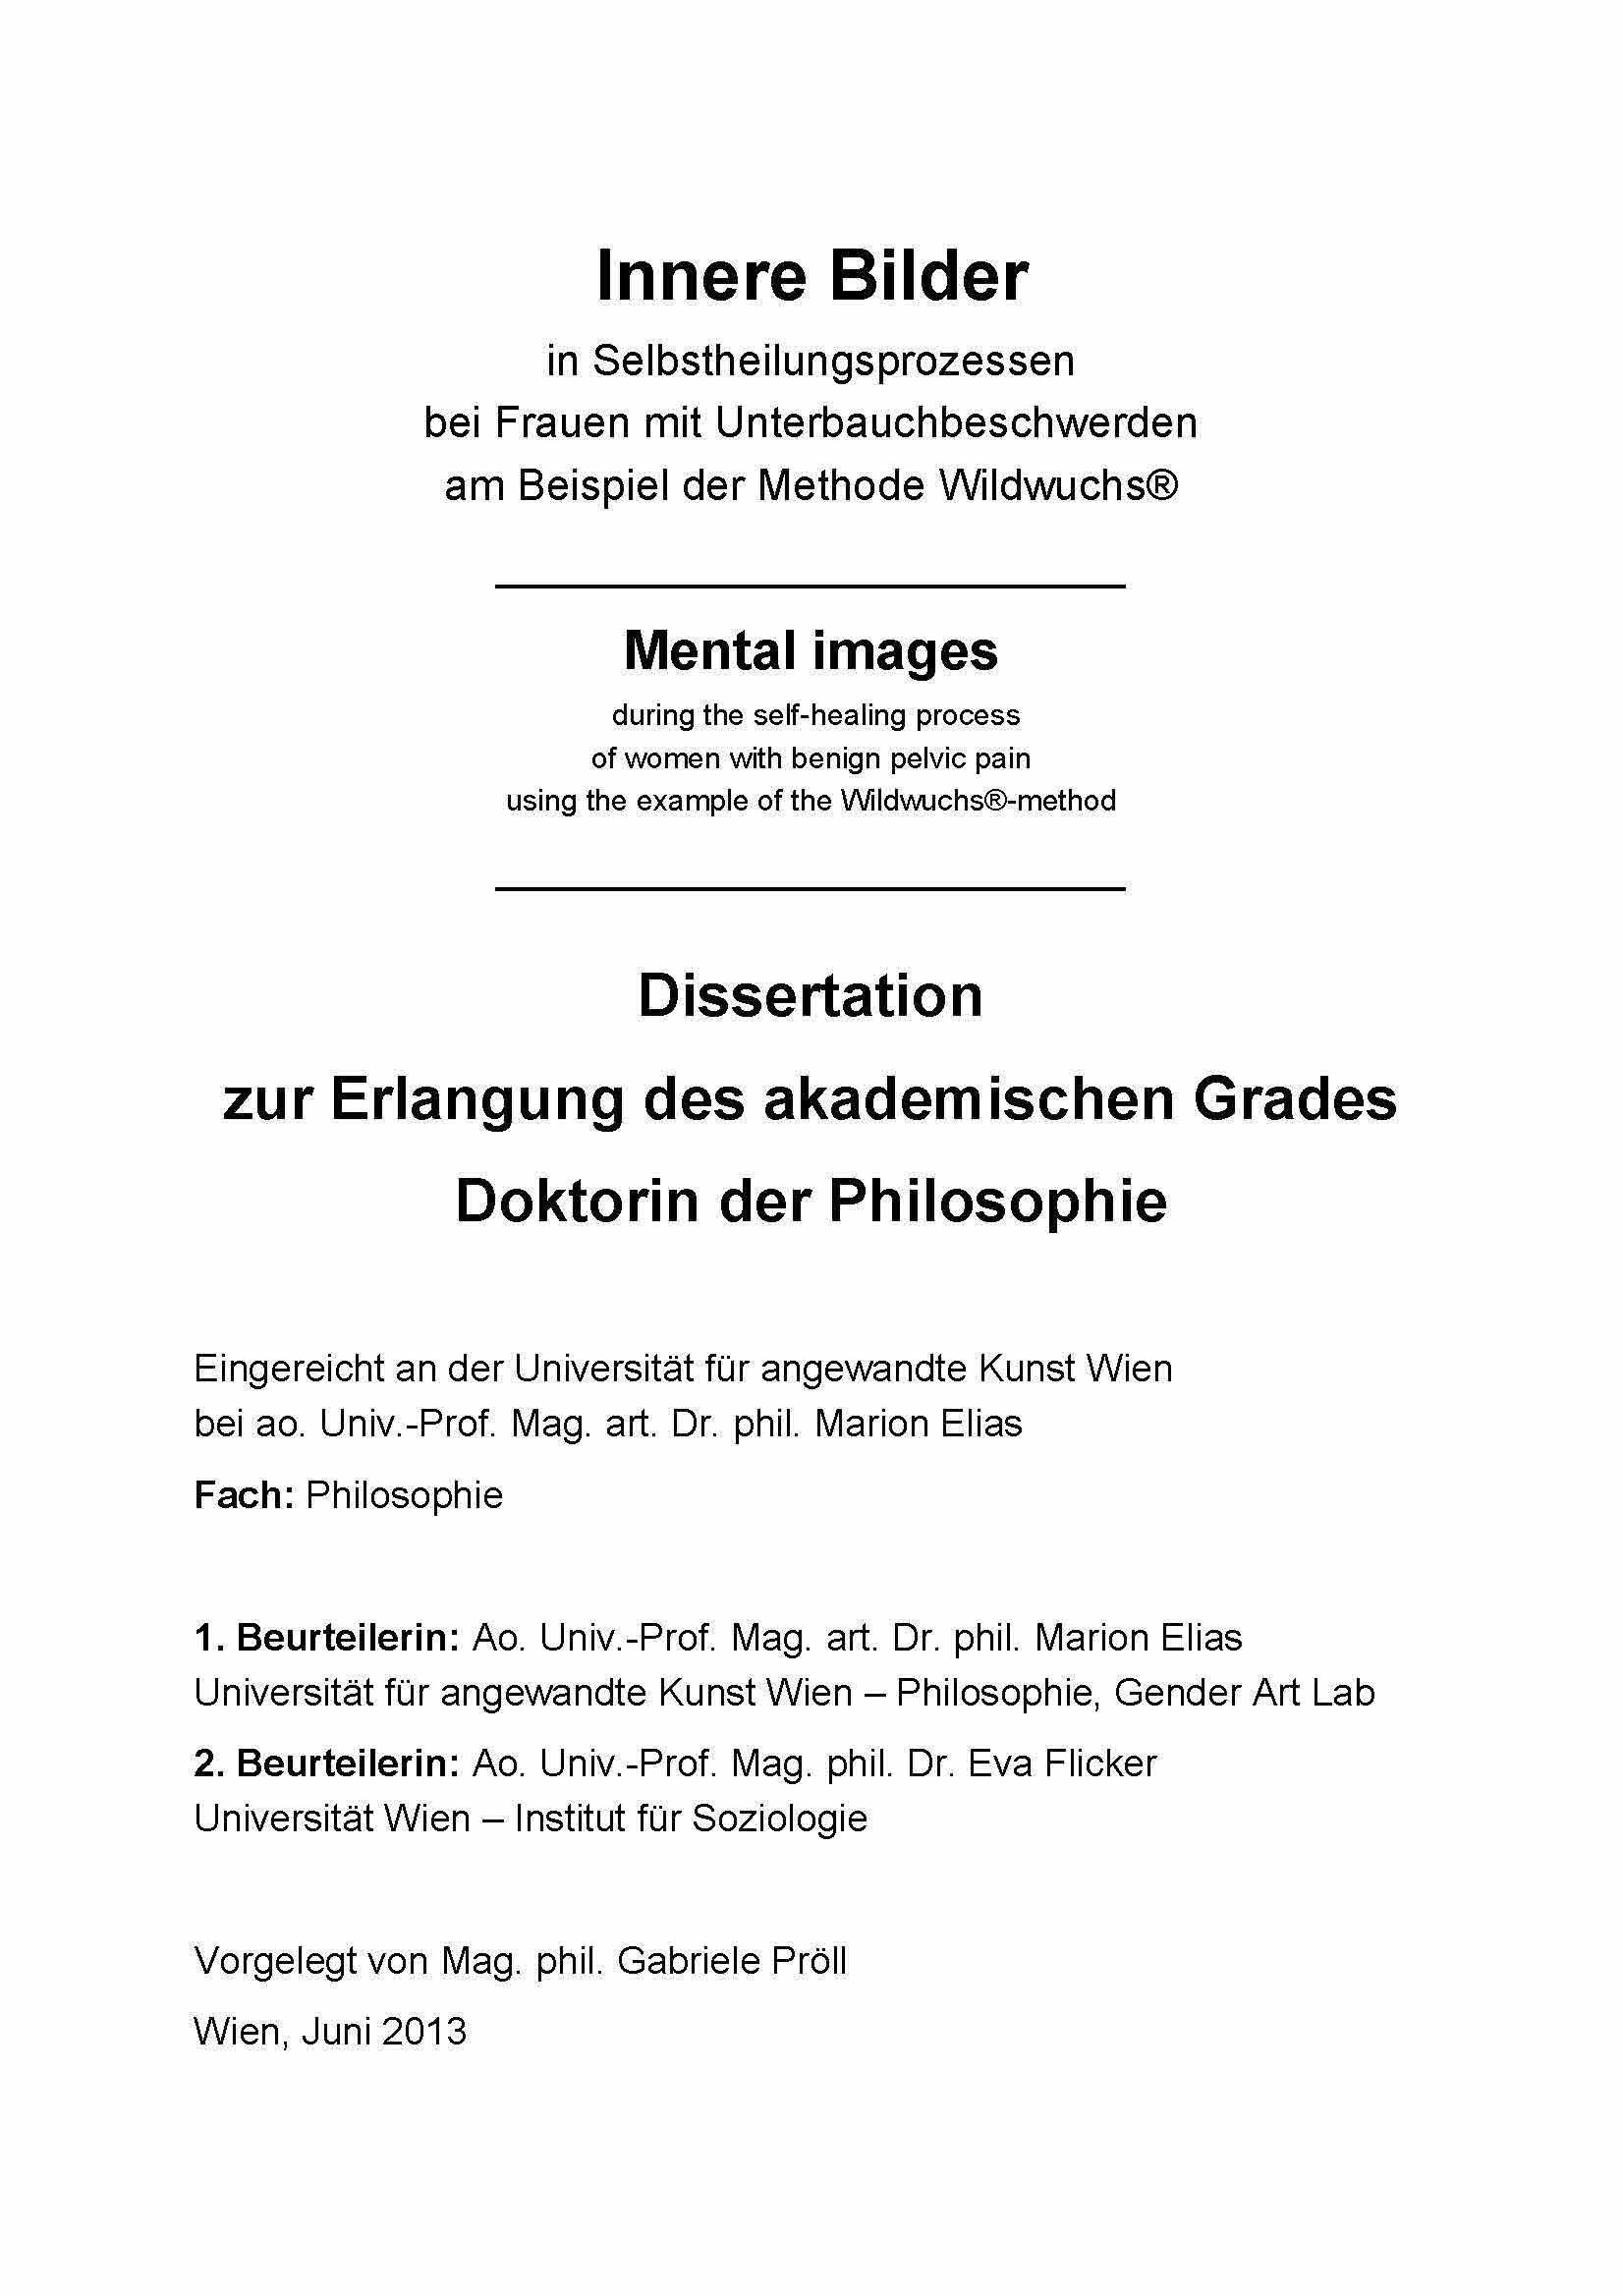 Dissertation verlag hardcover